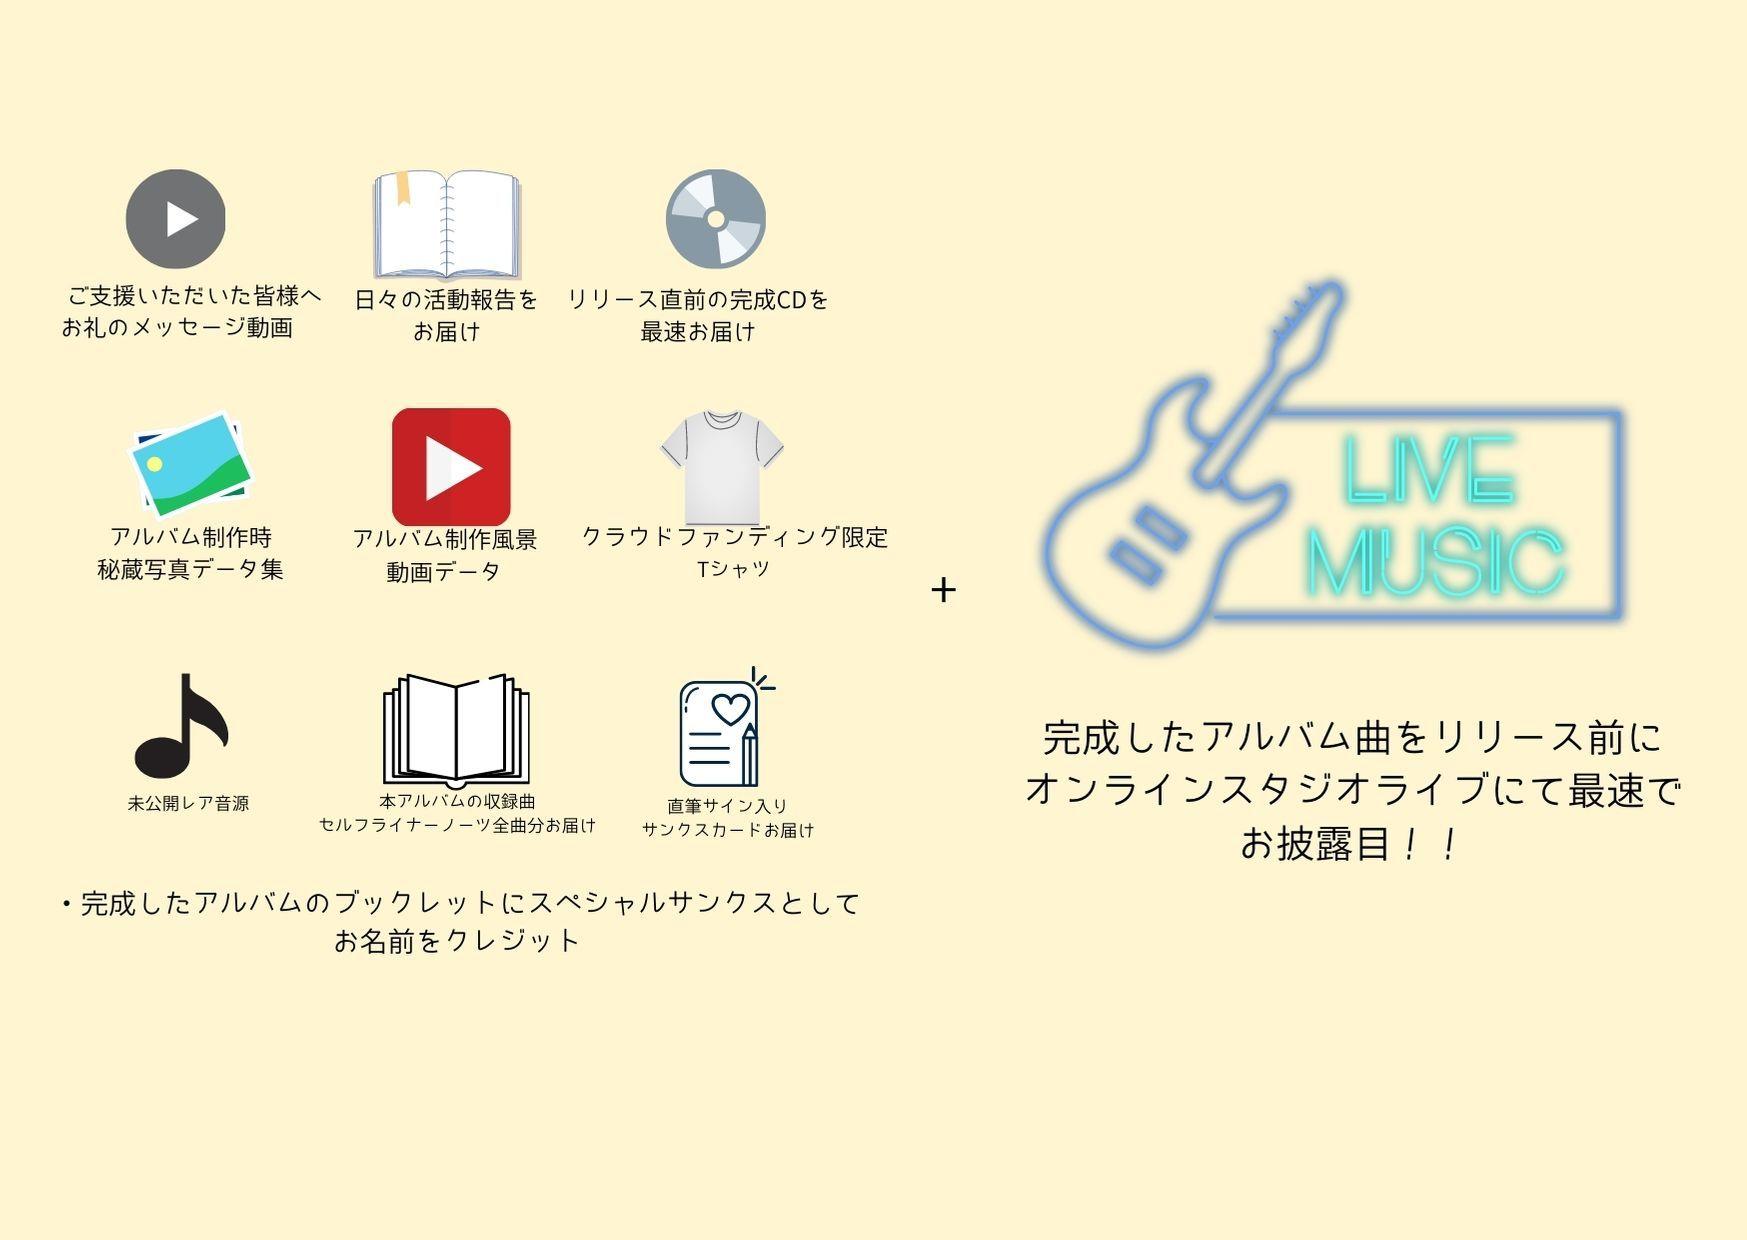 <アルバム先行お披露目オンラインライブ プラン> 限定10名